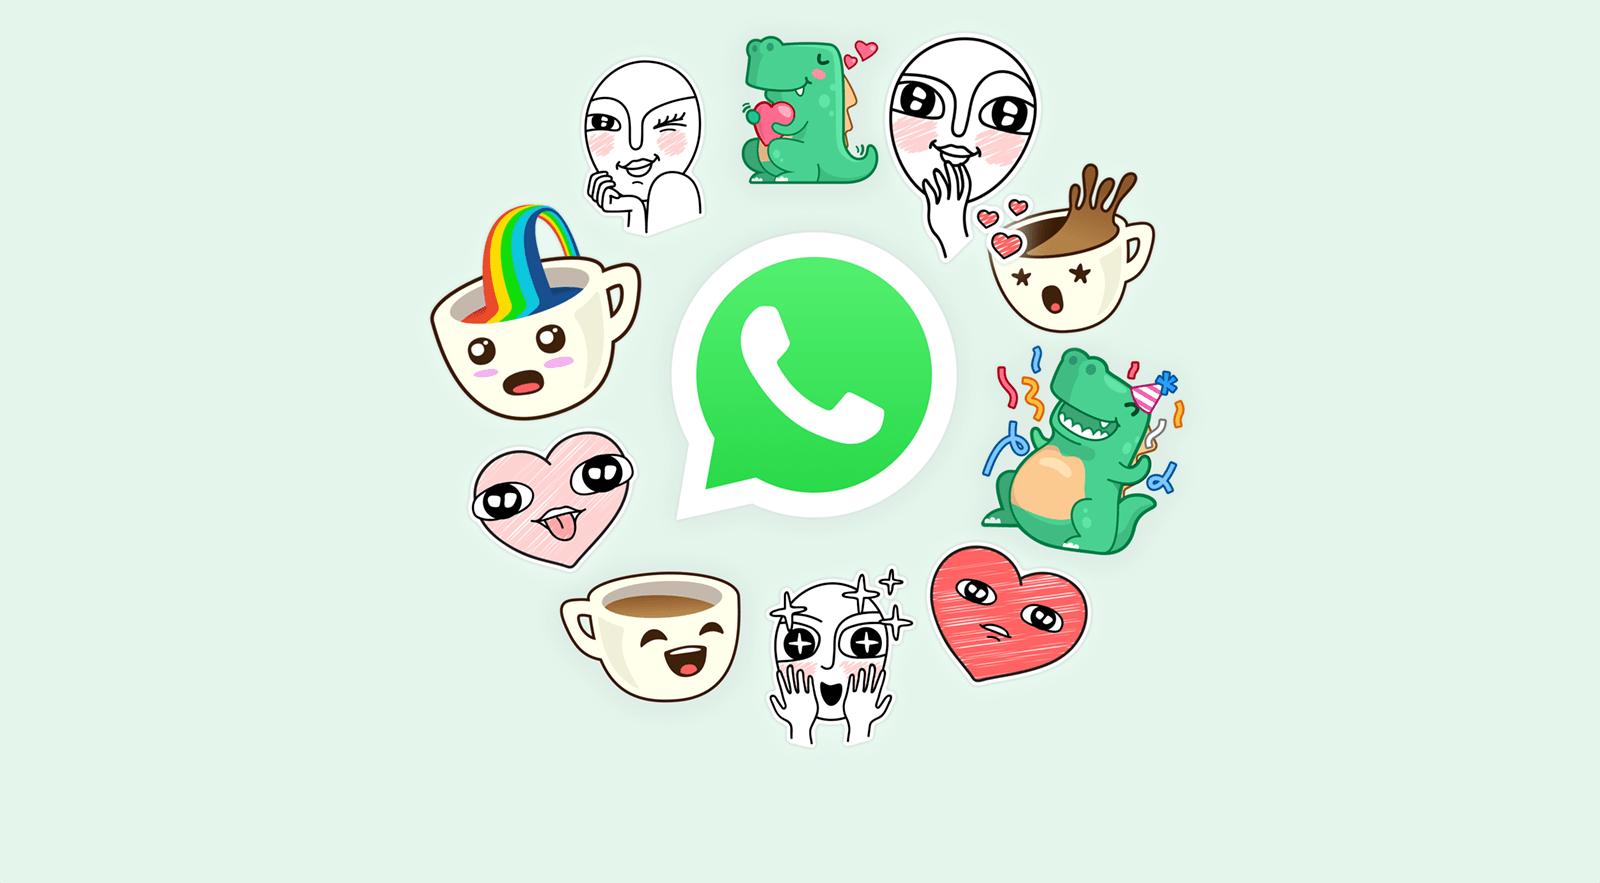 Llegaron nuevos y divertidos stickers a WhatsApp: Cómo activarlos